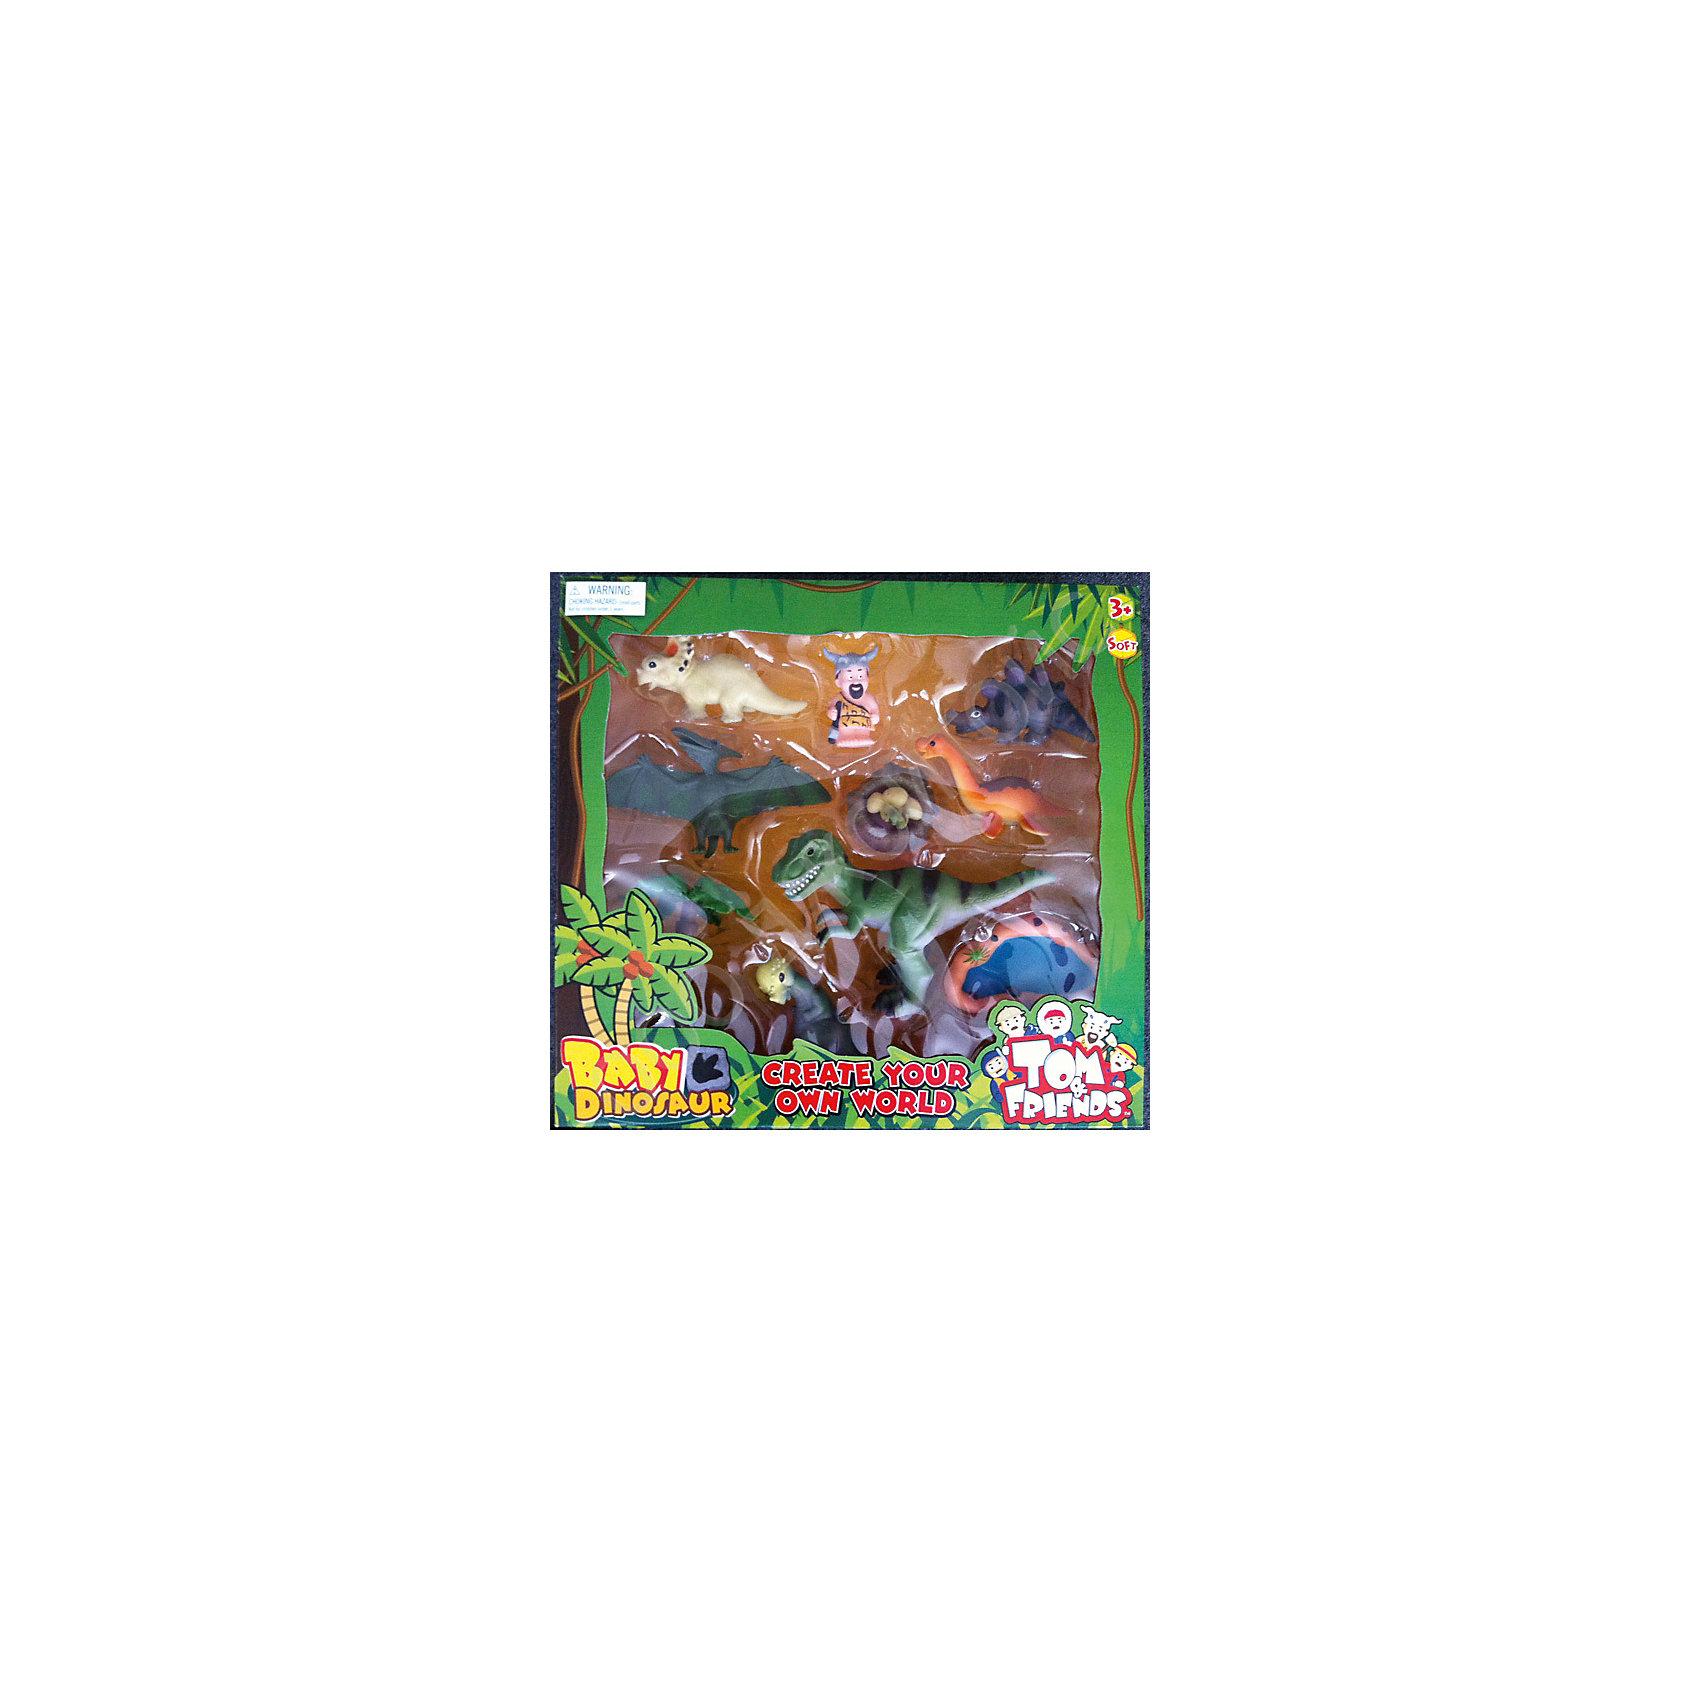 Набор динозавров, Toy MajorЭтот красочный набор динозавров обязательно понравится всем малышам! Фигурки выполнены из высококачественных материалов, прекрасно детализированы и реалистично раскрашены.<br><br>Дополнительная информация:<br><br>- Материал: пластик.<br>- Размер упаковки: 41,5х38,5х10 см.<br>- 11 фигурок в наборе.<br><br>Набор динозавров, Toy Major, можно купить в нашем магазине.<br><br>Ширина мм: 420<br>Глубина мм: 100<br>Высота мм: 390<br>Вес г: 500<br>Возраст от месяцев: 36<br>Возраст до месяцев: 72<br>Пол: Унисекс<br>Возраст: Детский<br>SKU: 4134072